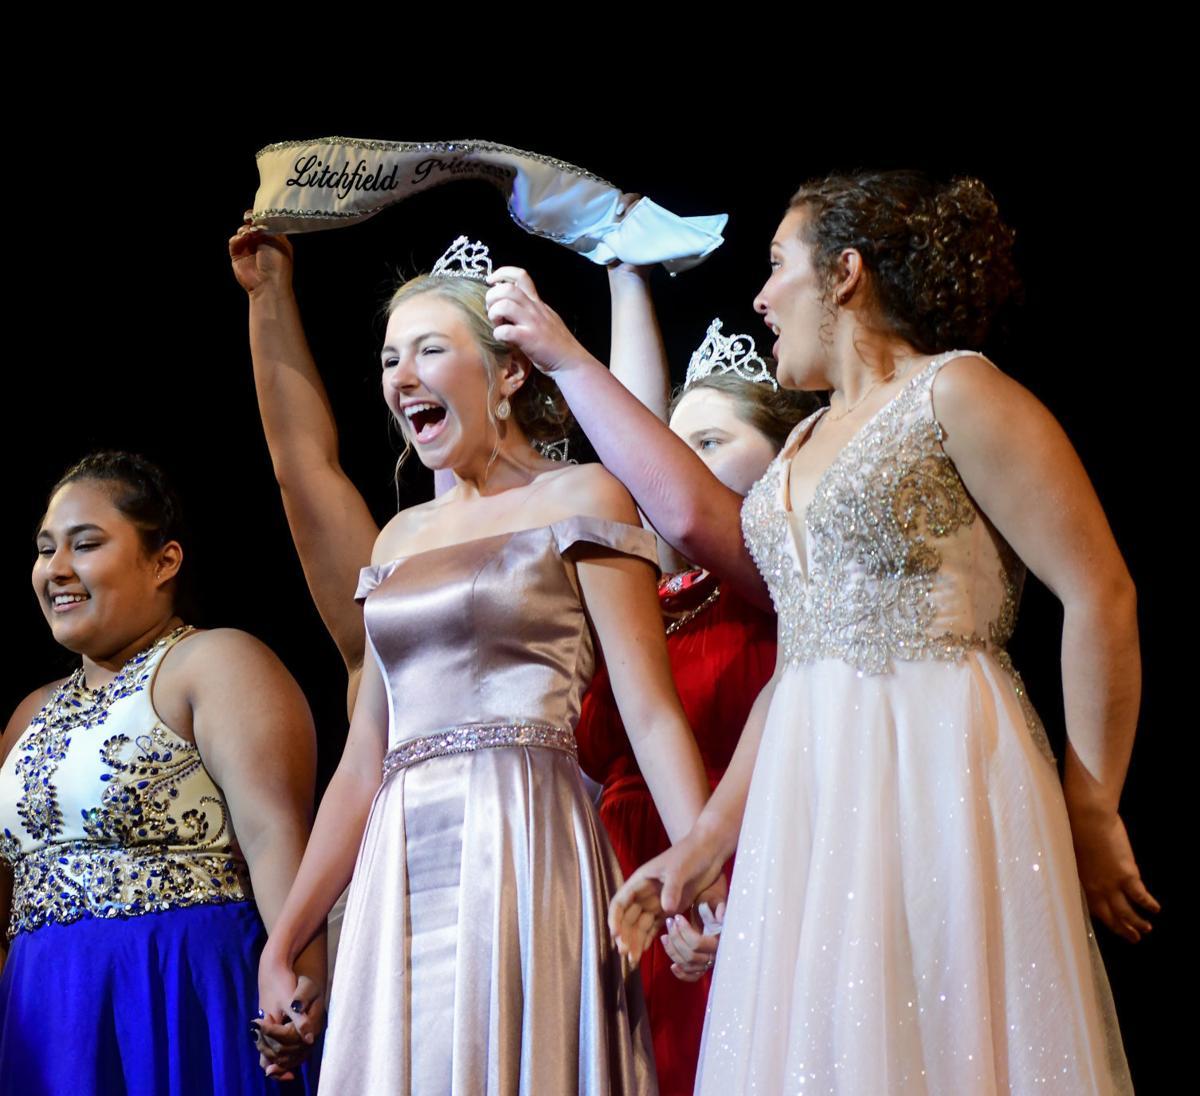 Ellery Jones crowned princess